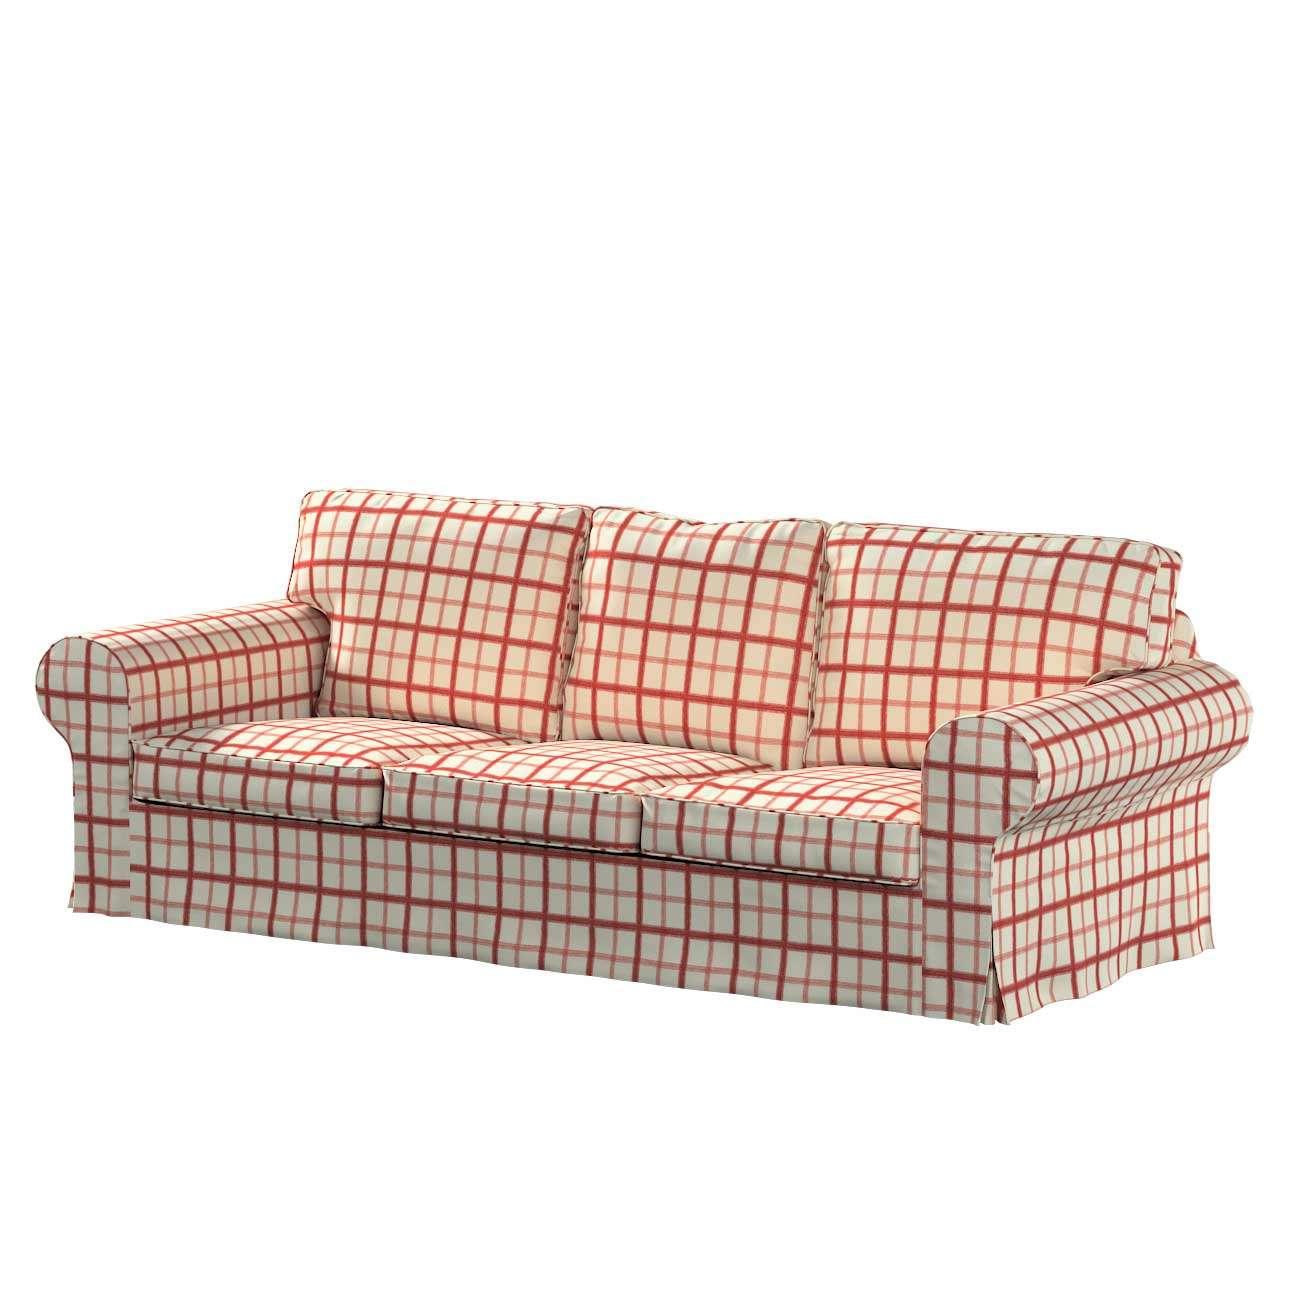 Pokrowiec na sofę Ektorp 3-osobową, rozkładaną NOWY MODEL 2013 w kolekcji Avinon, tkanina: 131-15